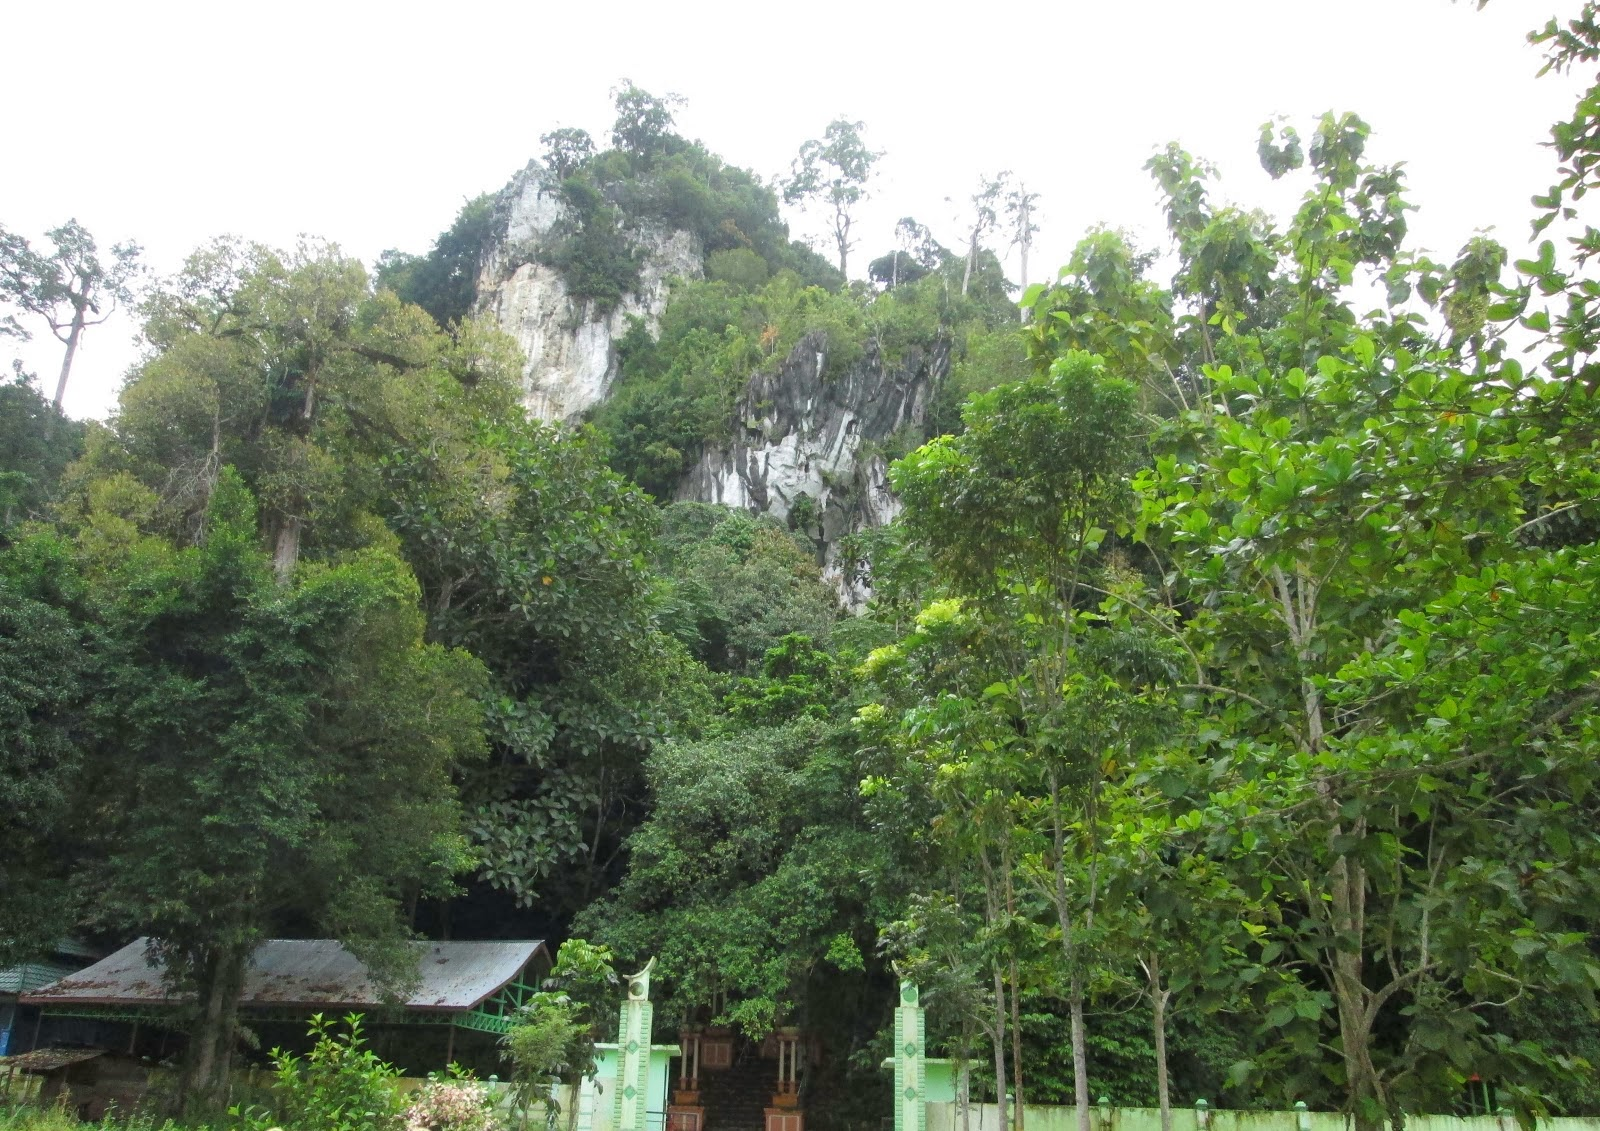 Objek Wisata Kalimantan Utara Dobol Katola Gunung Putih Kabupaten Bulungan